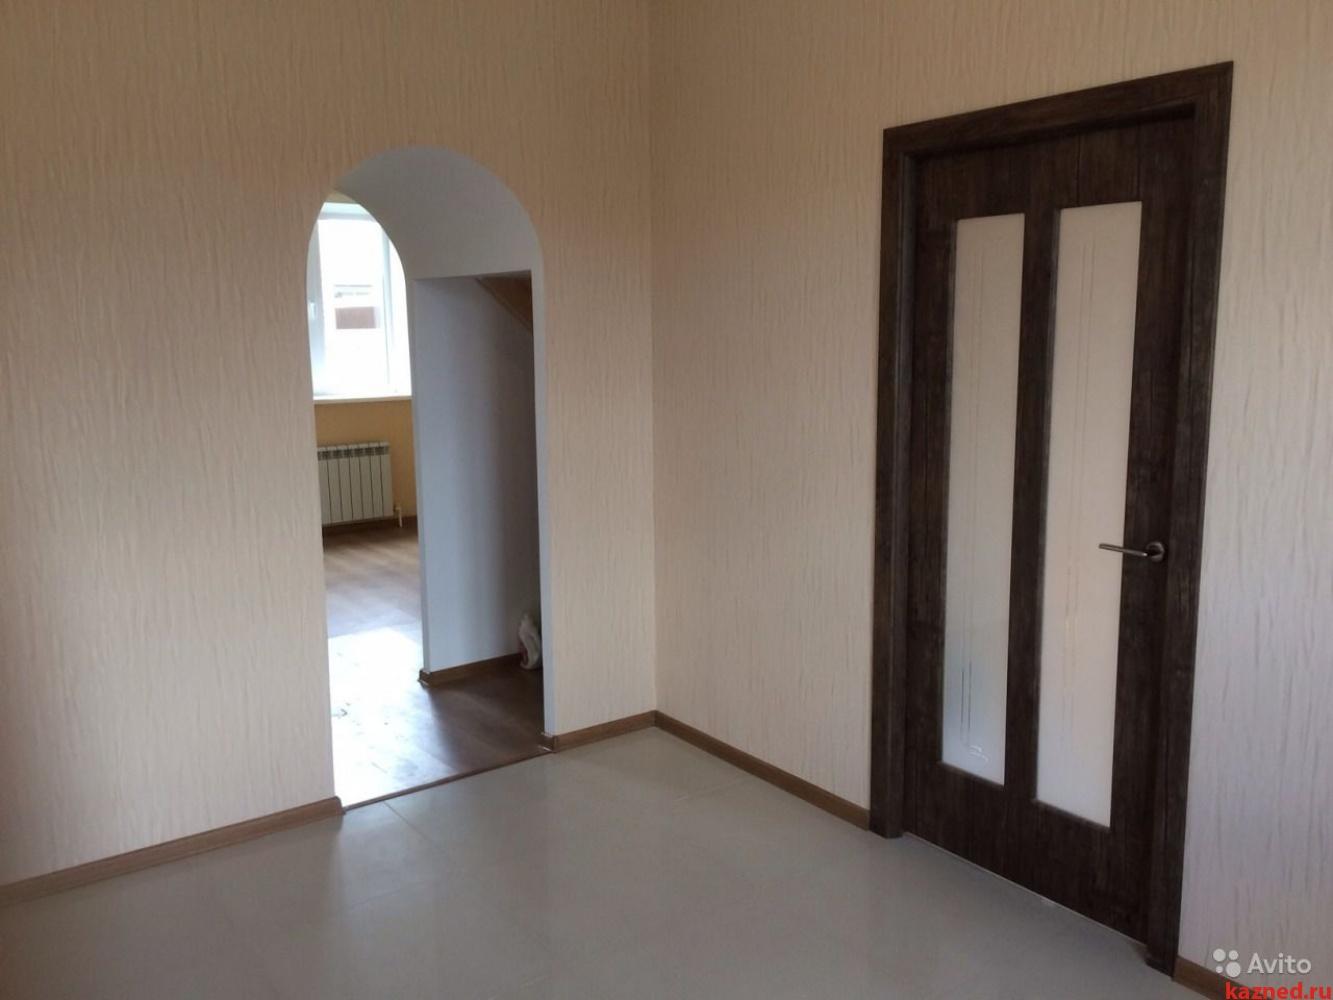 Продажа  Дома Северный, Шомыртлы, 82 м2  (миниатюра №2)